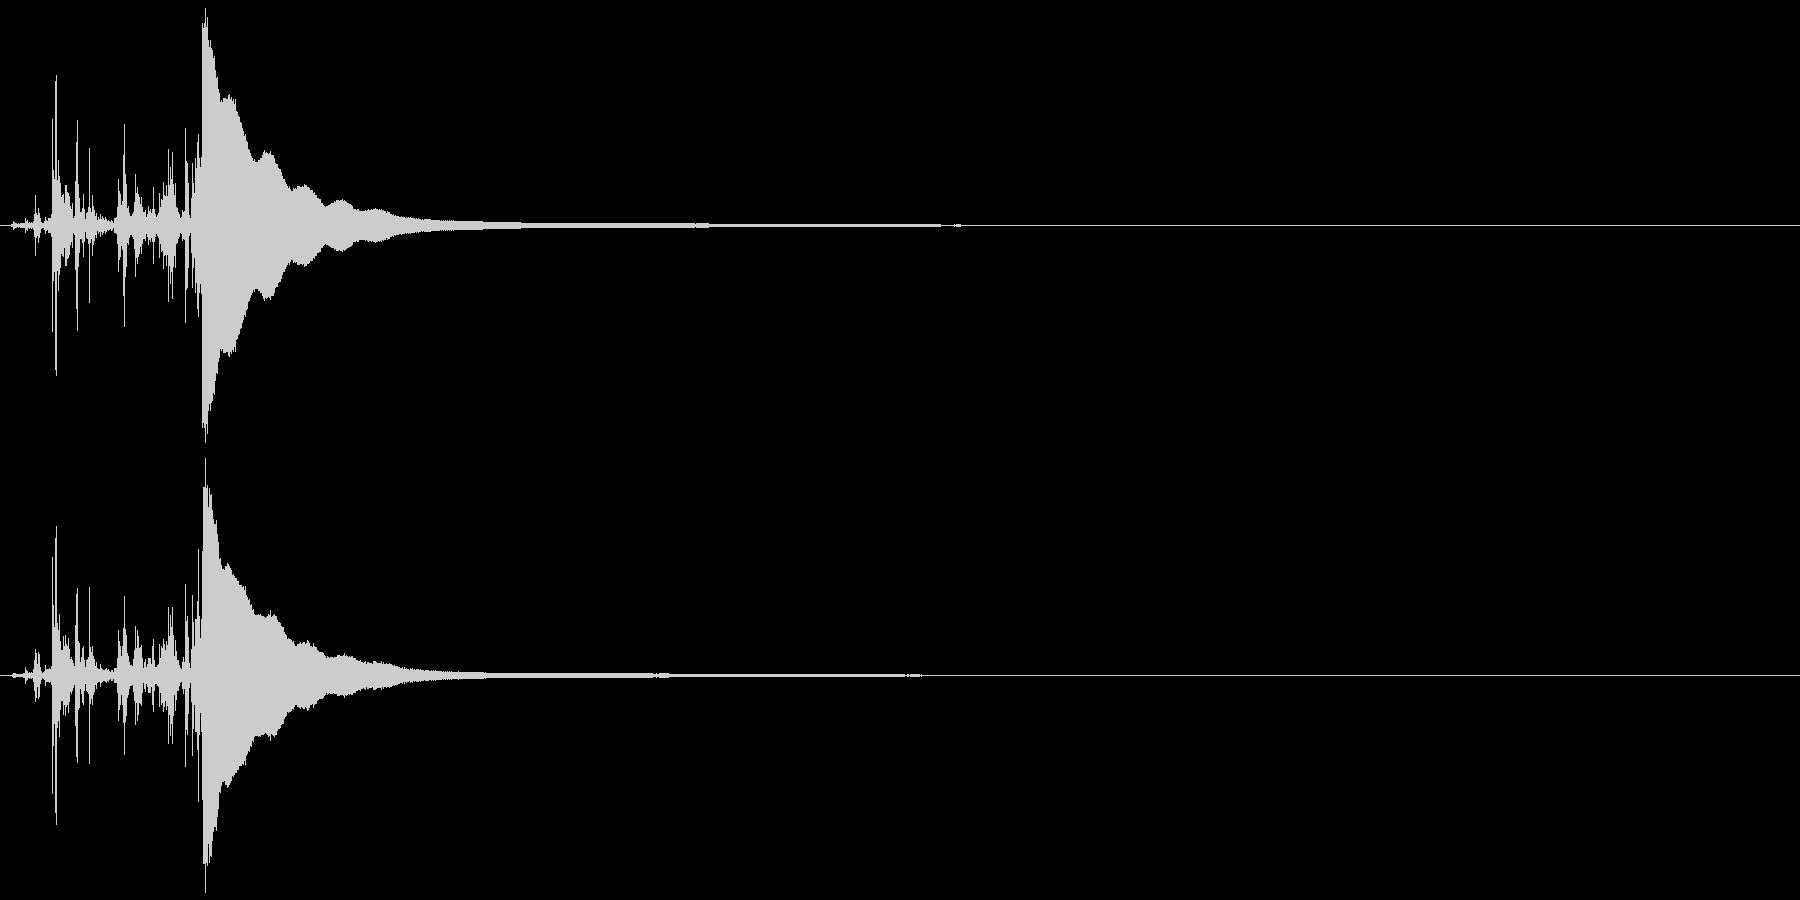 レジの音 カシャッ チーンの未再生の波形